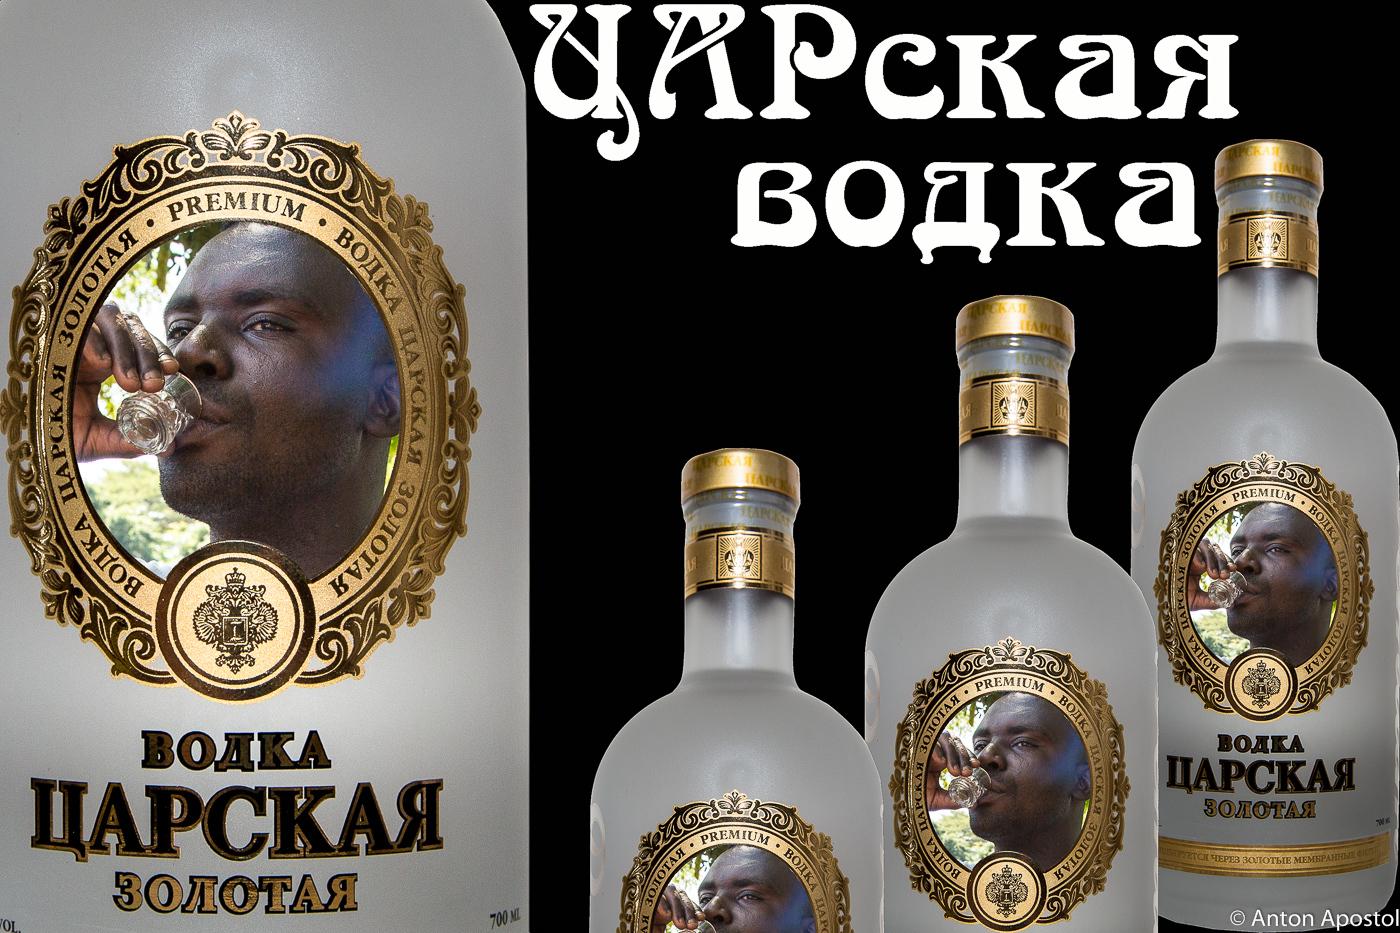 ЦАРская водка.